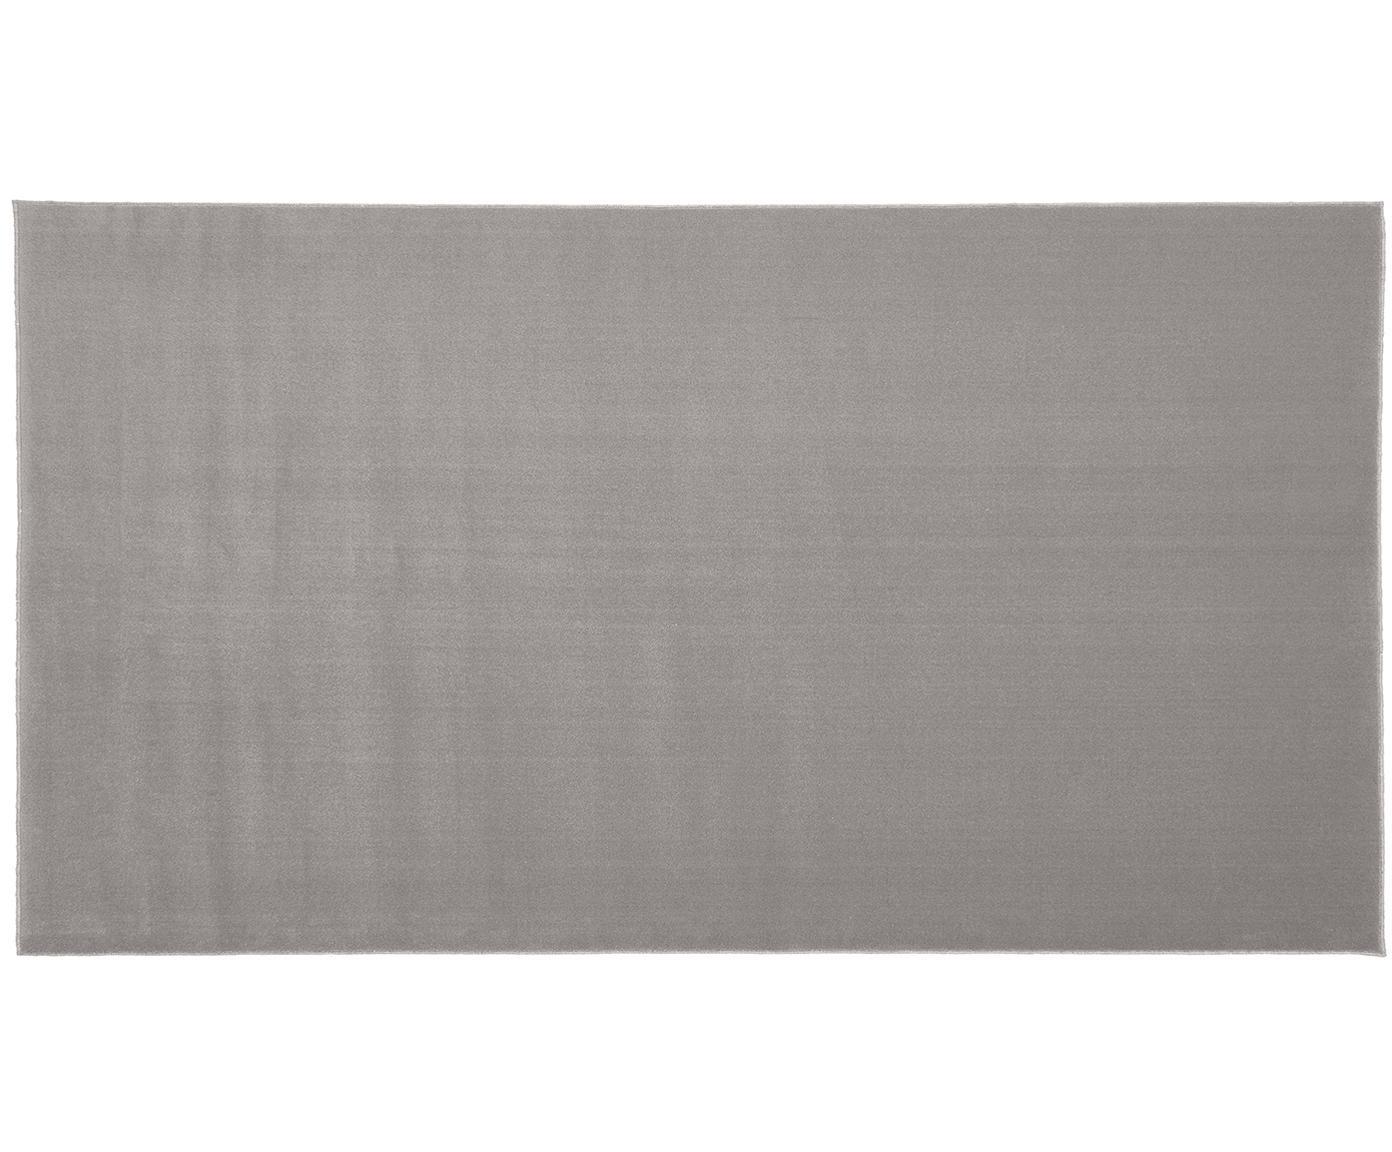 Wollteppich Ida in Grau, Flor: Wolle, Grau, B 60 x L 110 cm (Grösse XS)